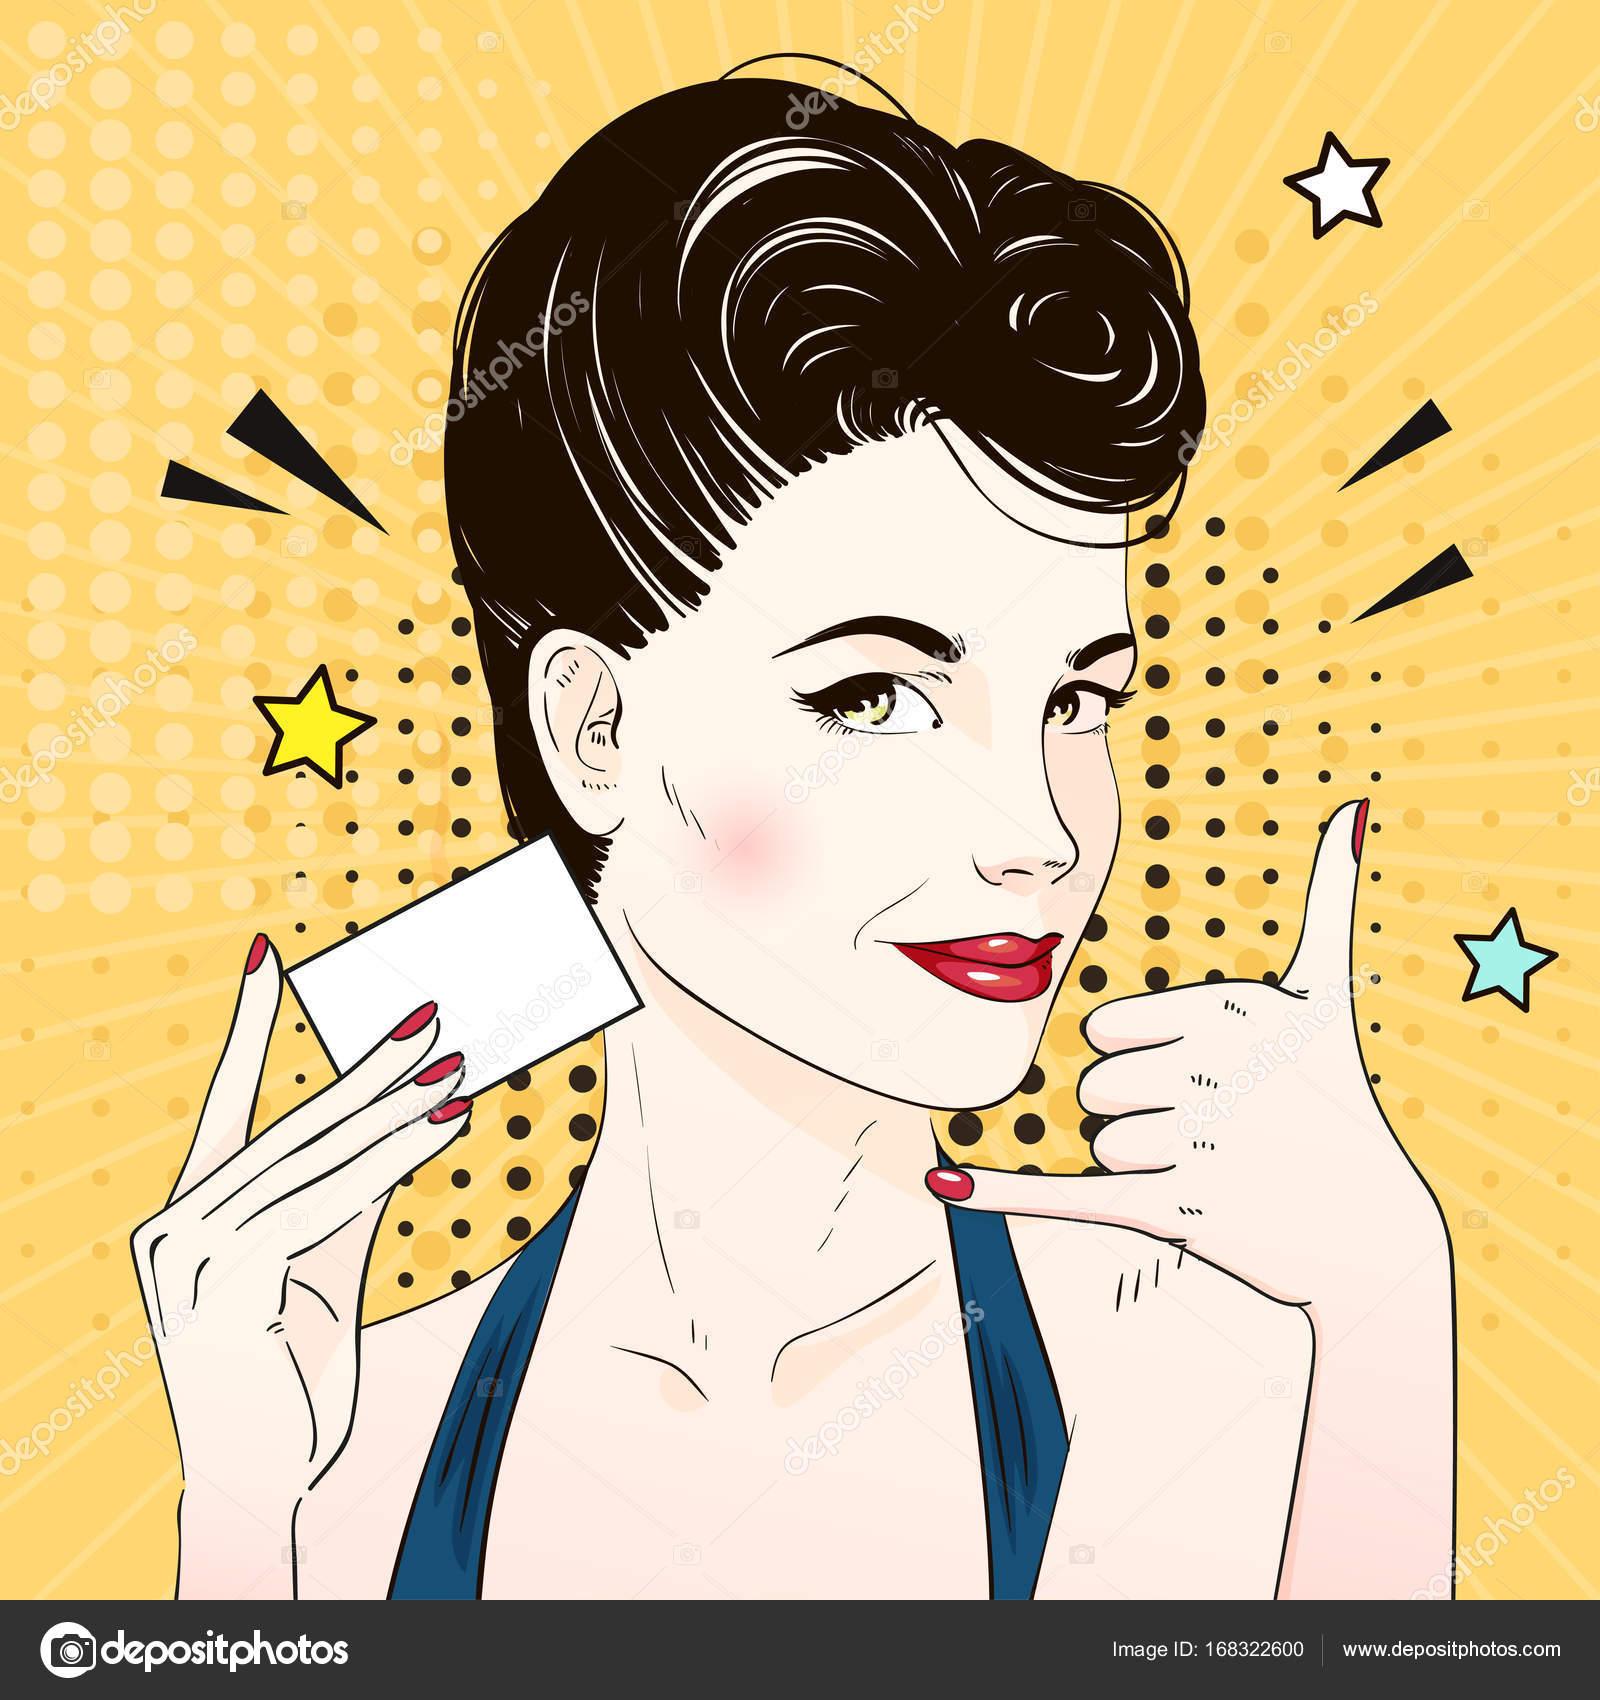 Visage De Femme Comique Pop Art Desire Pour Appeler Et Est Titulaire La Carte Visite Illustration Vectorielle Vecteur Par Kusuha